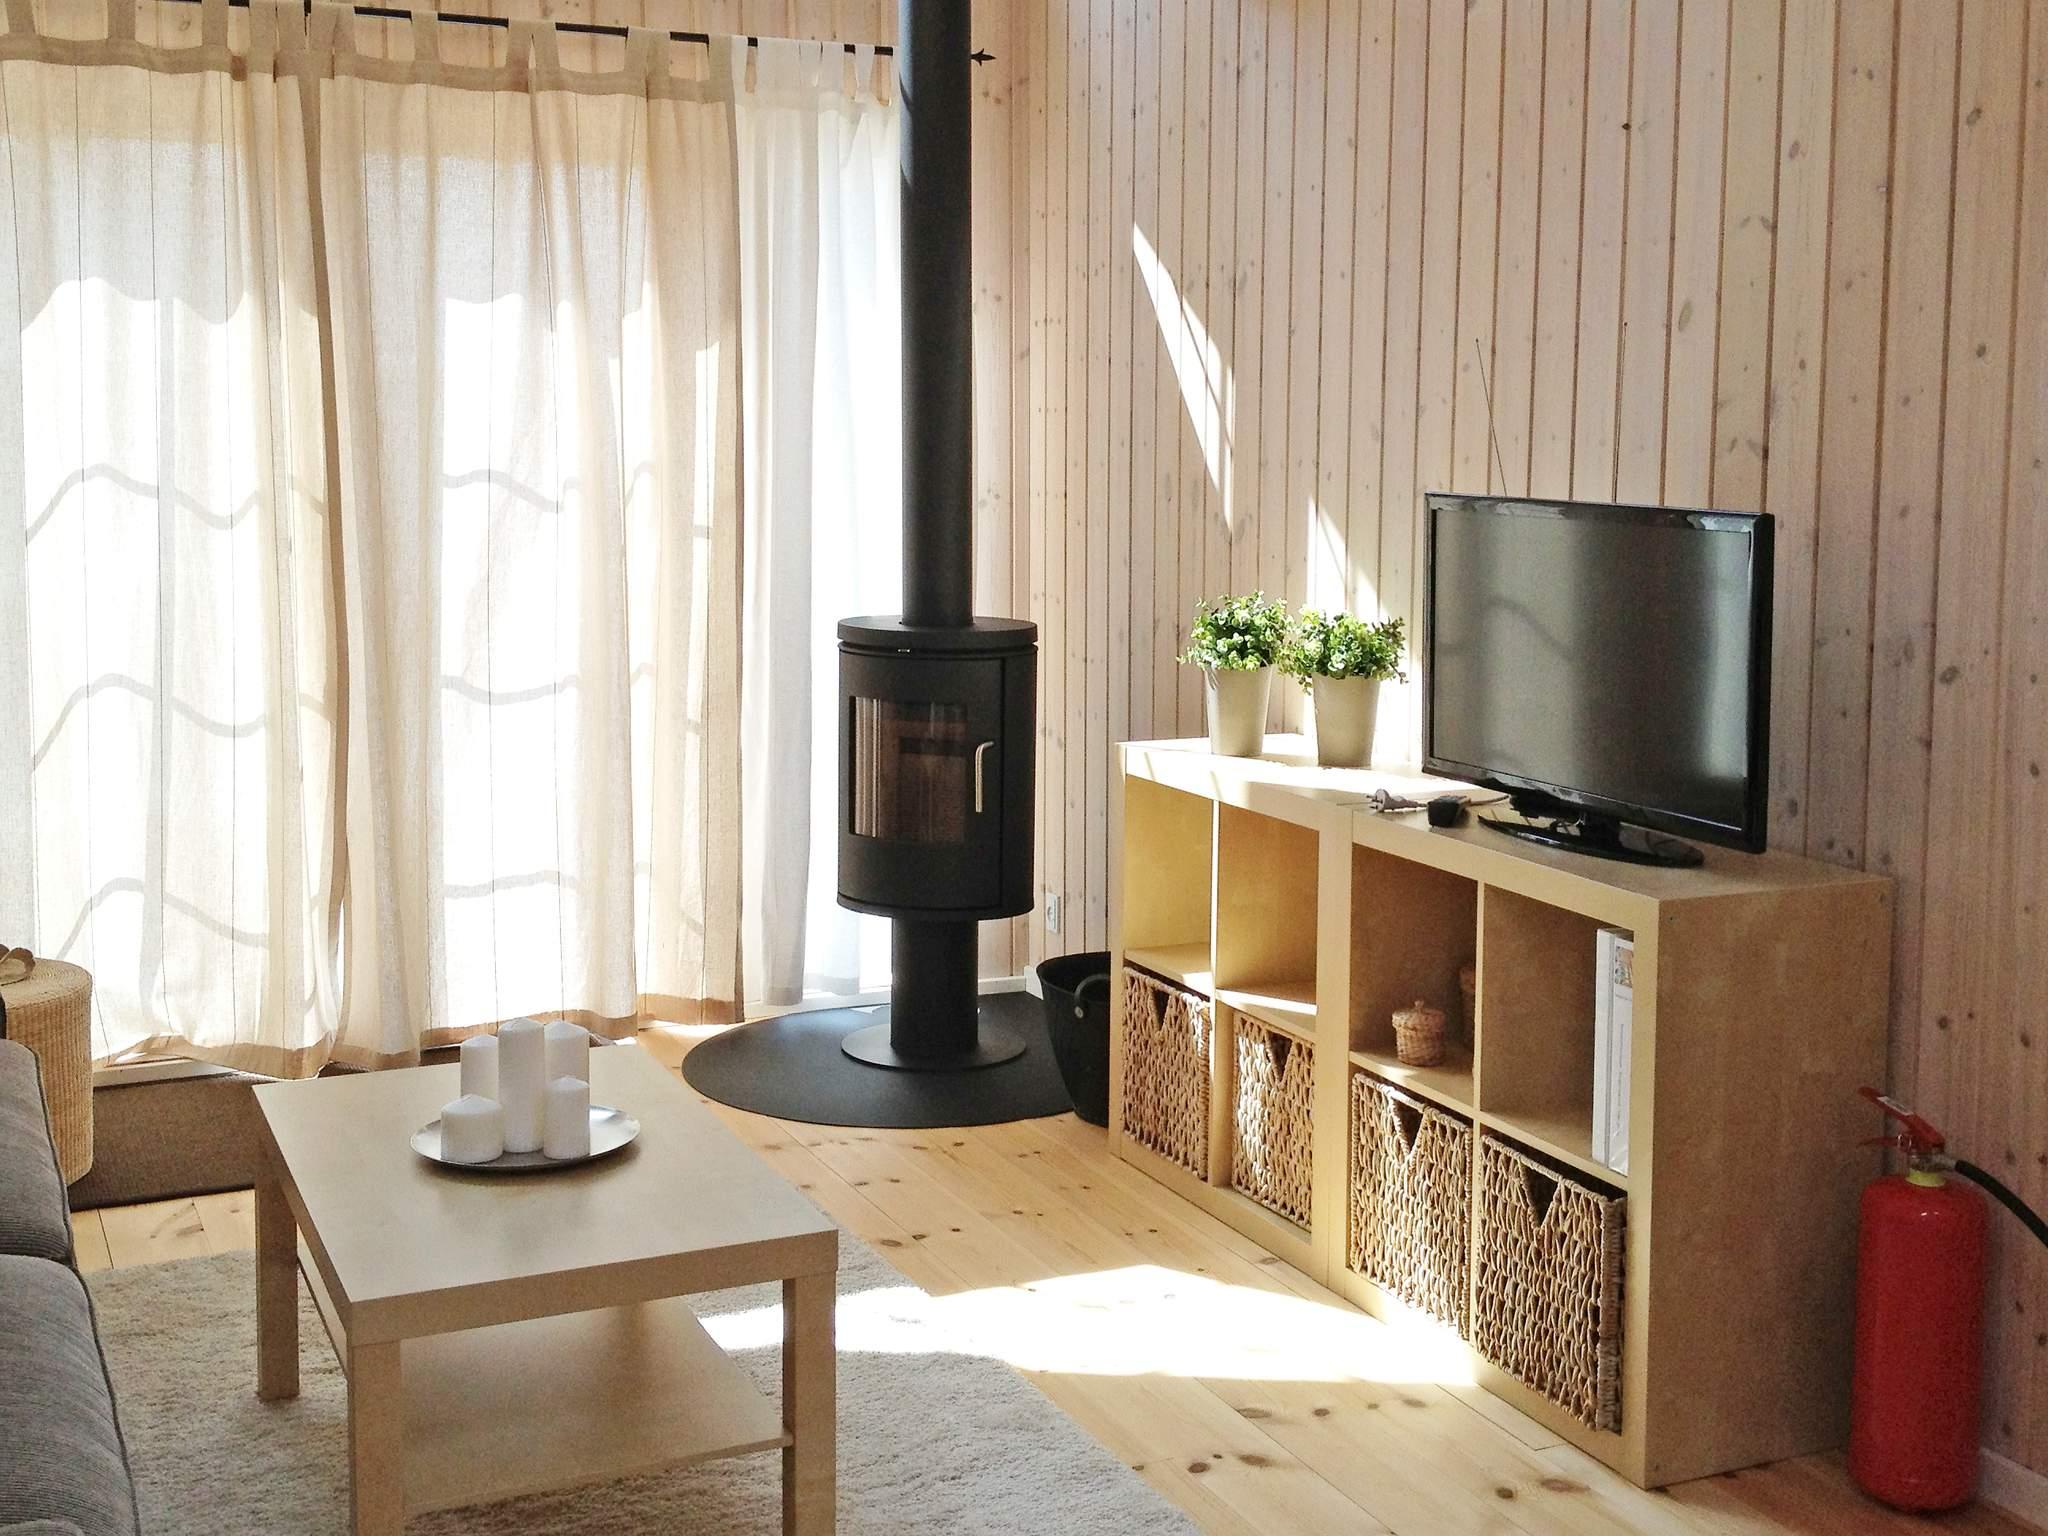 Ferienhaus Karrebæksminde (590968), Karrebæksminde, , Südseeland, Dänemark, Bild 2